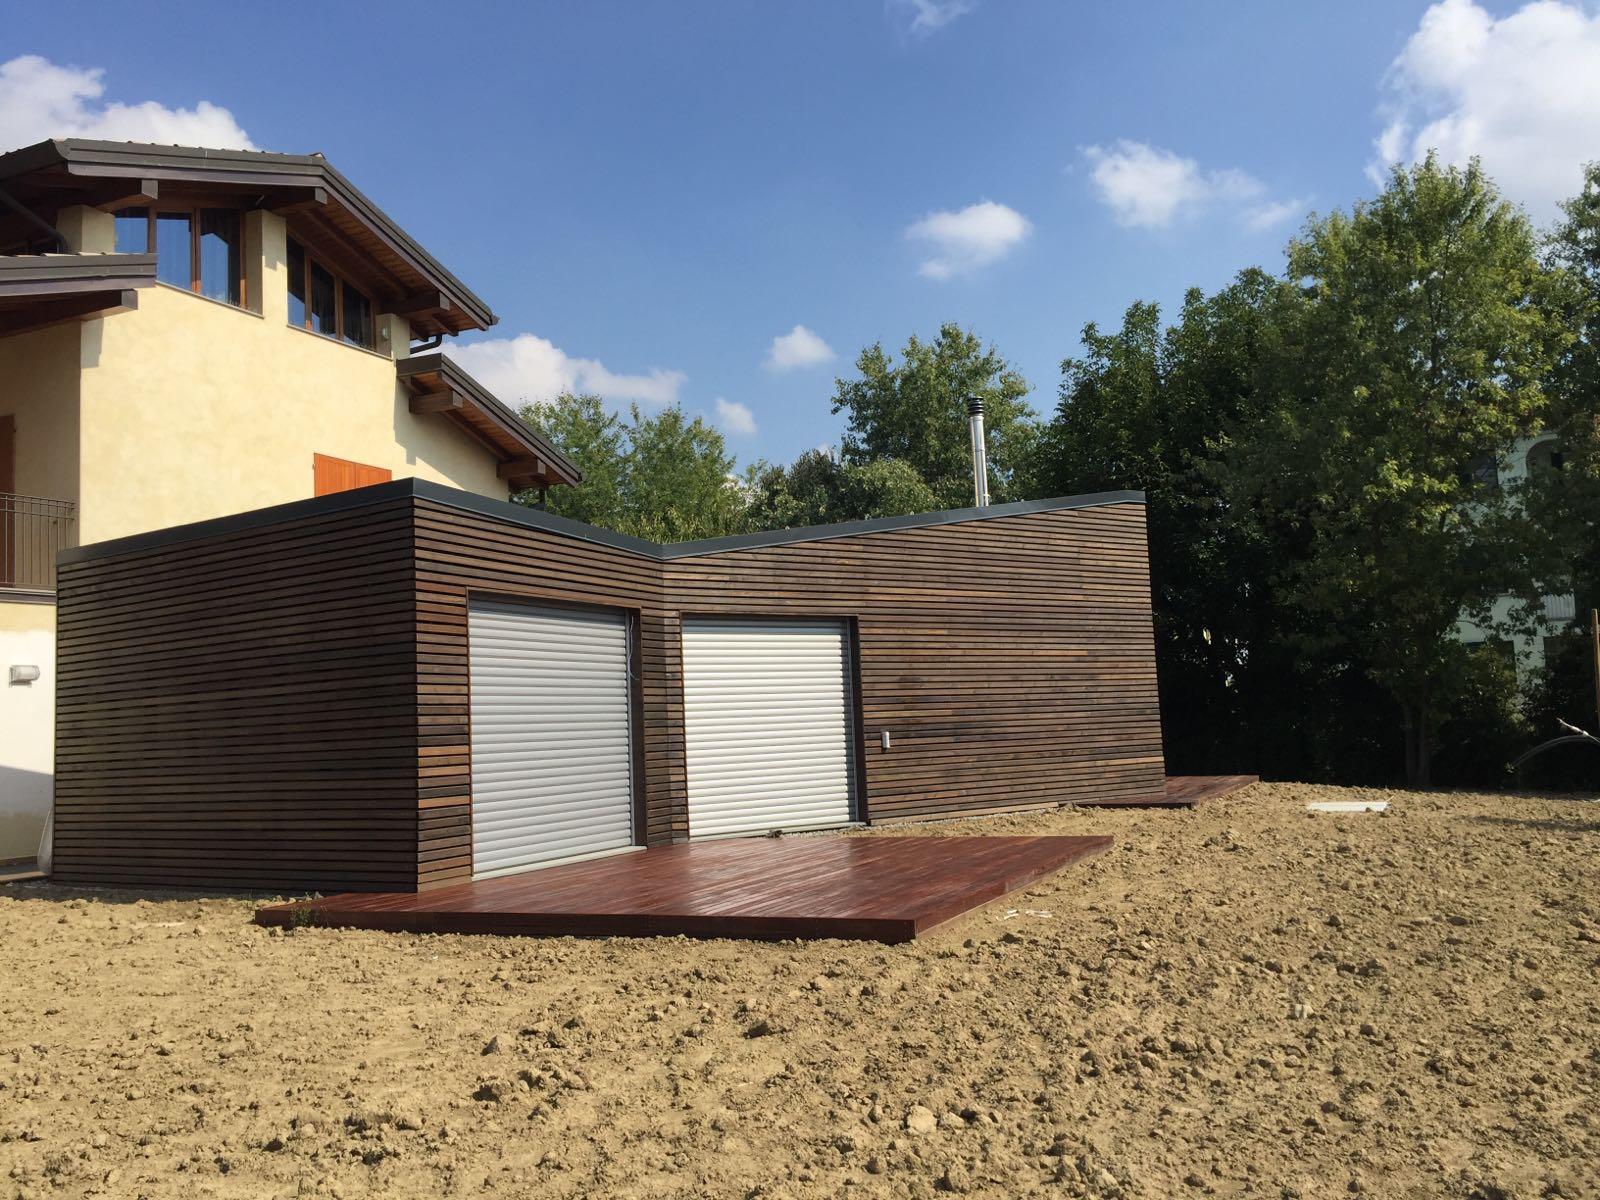 Affordable edilizia sostenibile ampliamento casa in legno with ampliare casa con struttura in - Ampliare casa con struttura in legno ...